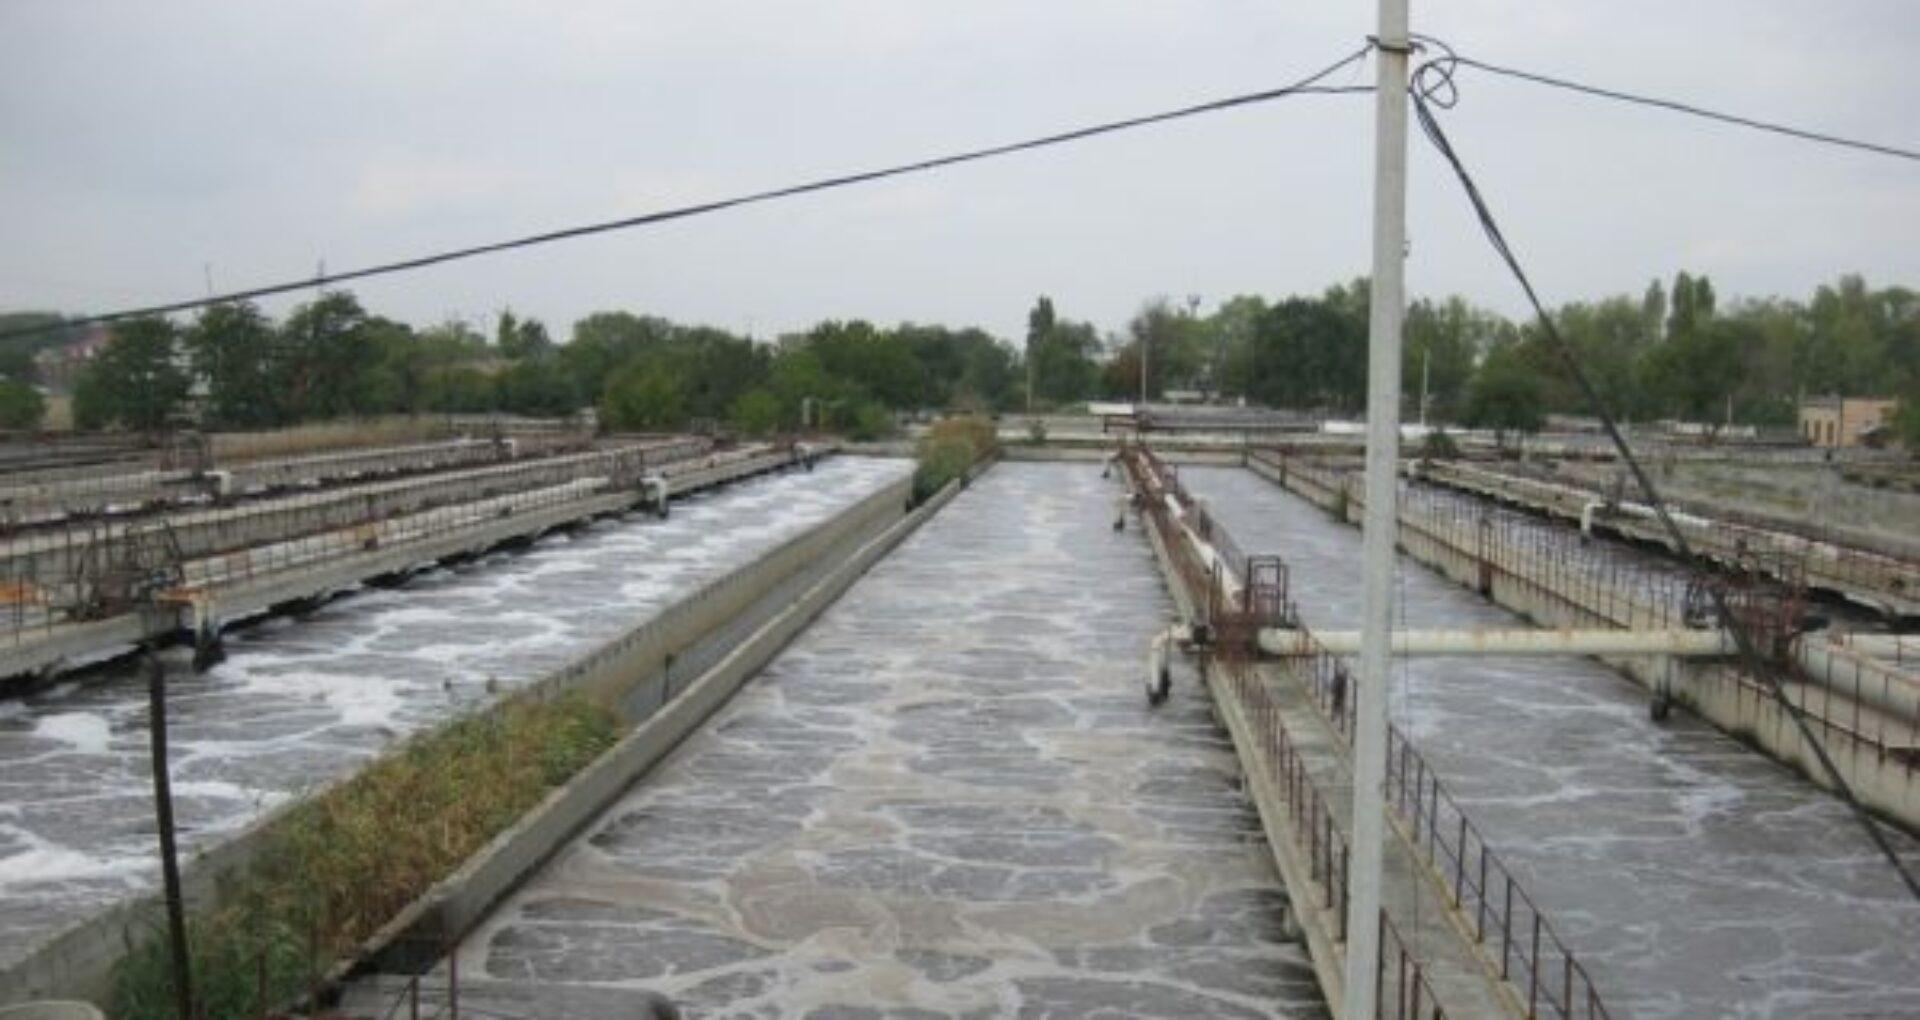 Primele rezultate ale analizelor probelor de apă prelevate de la Stația de epurare